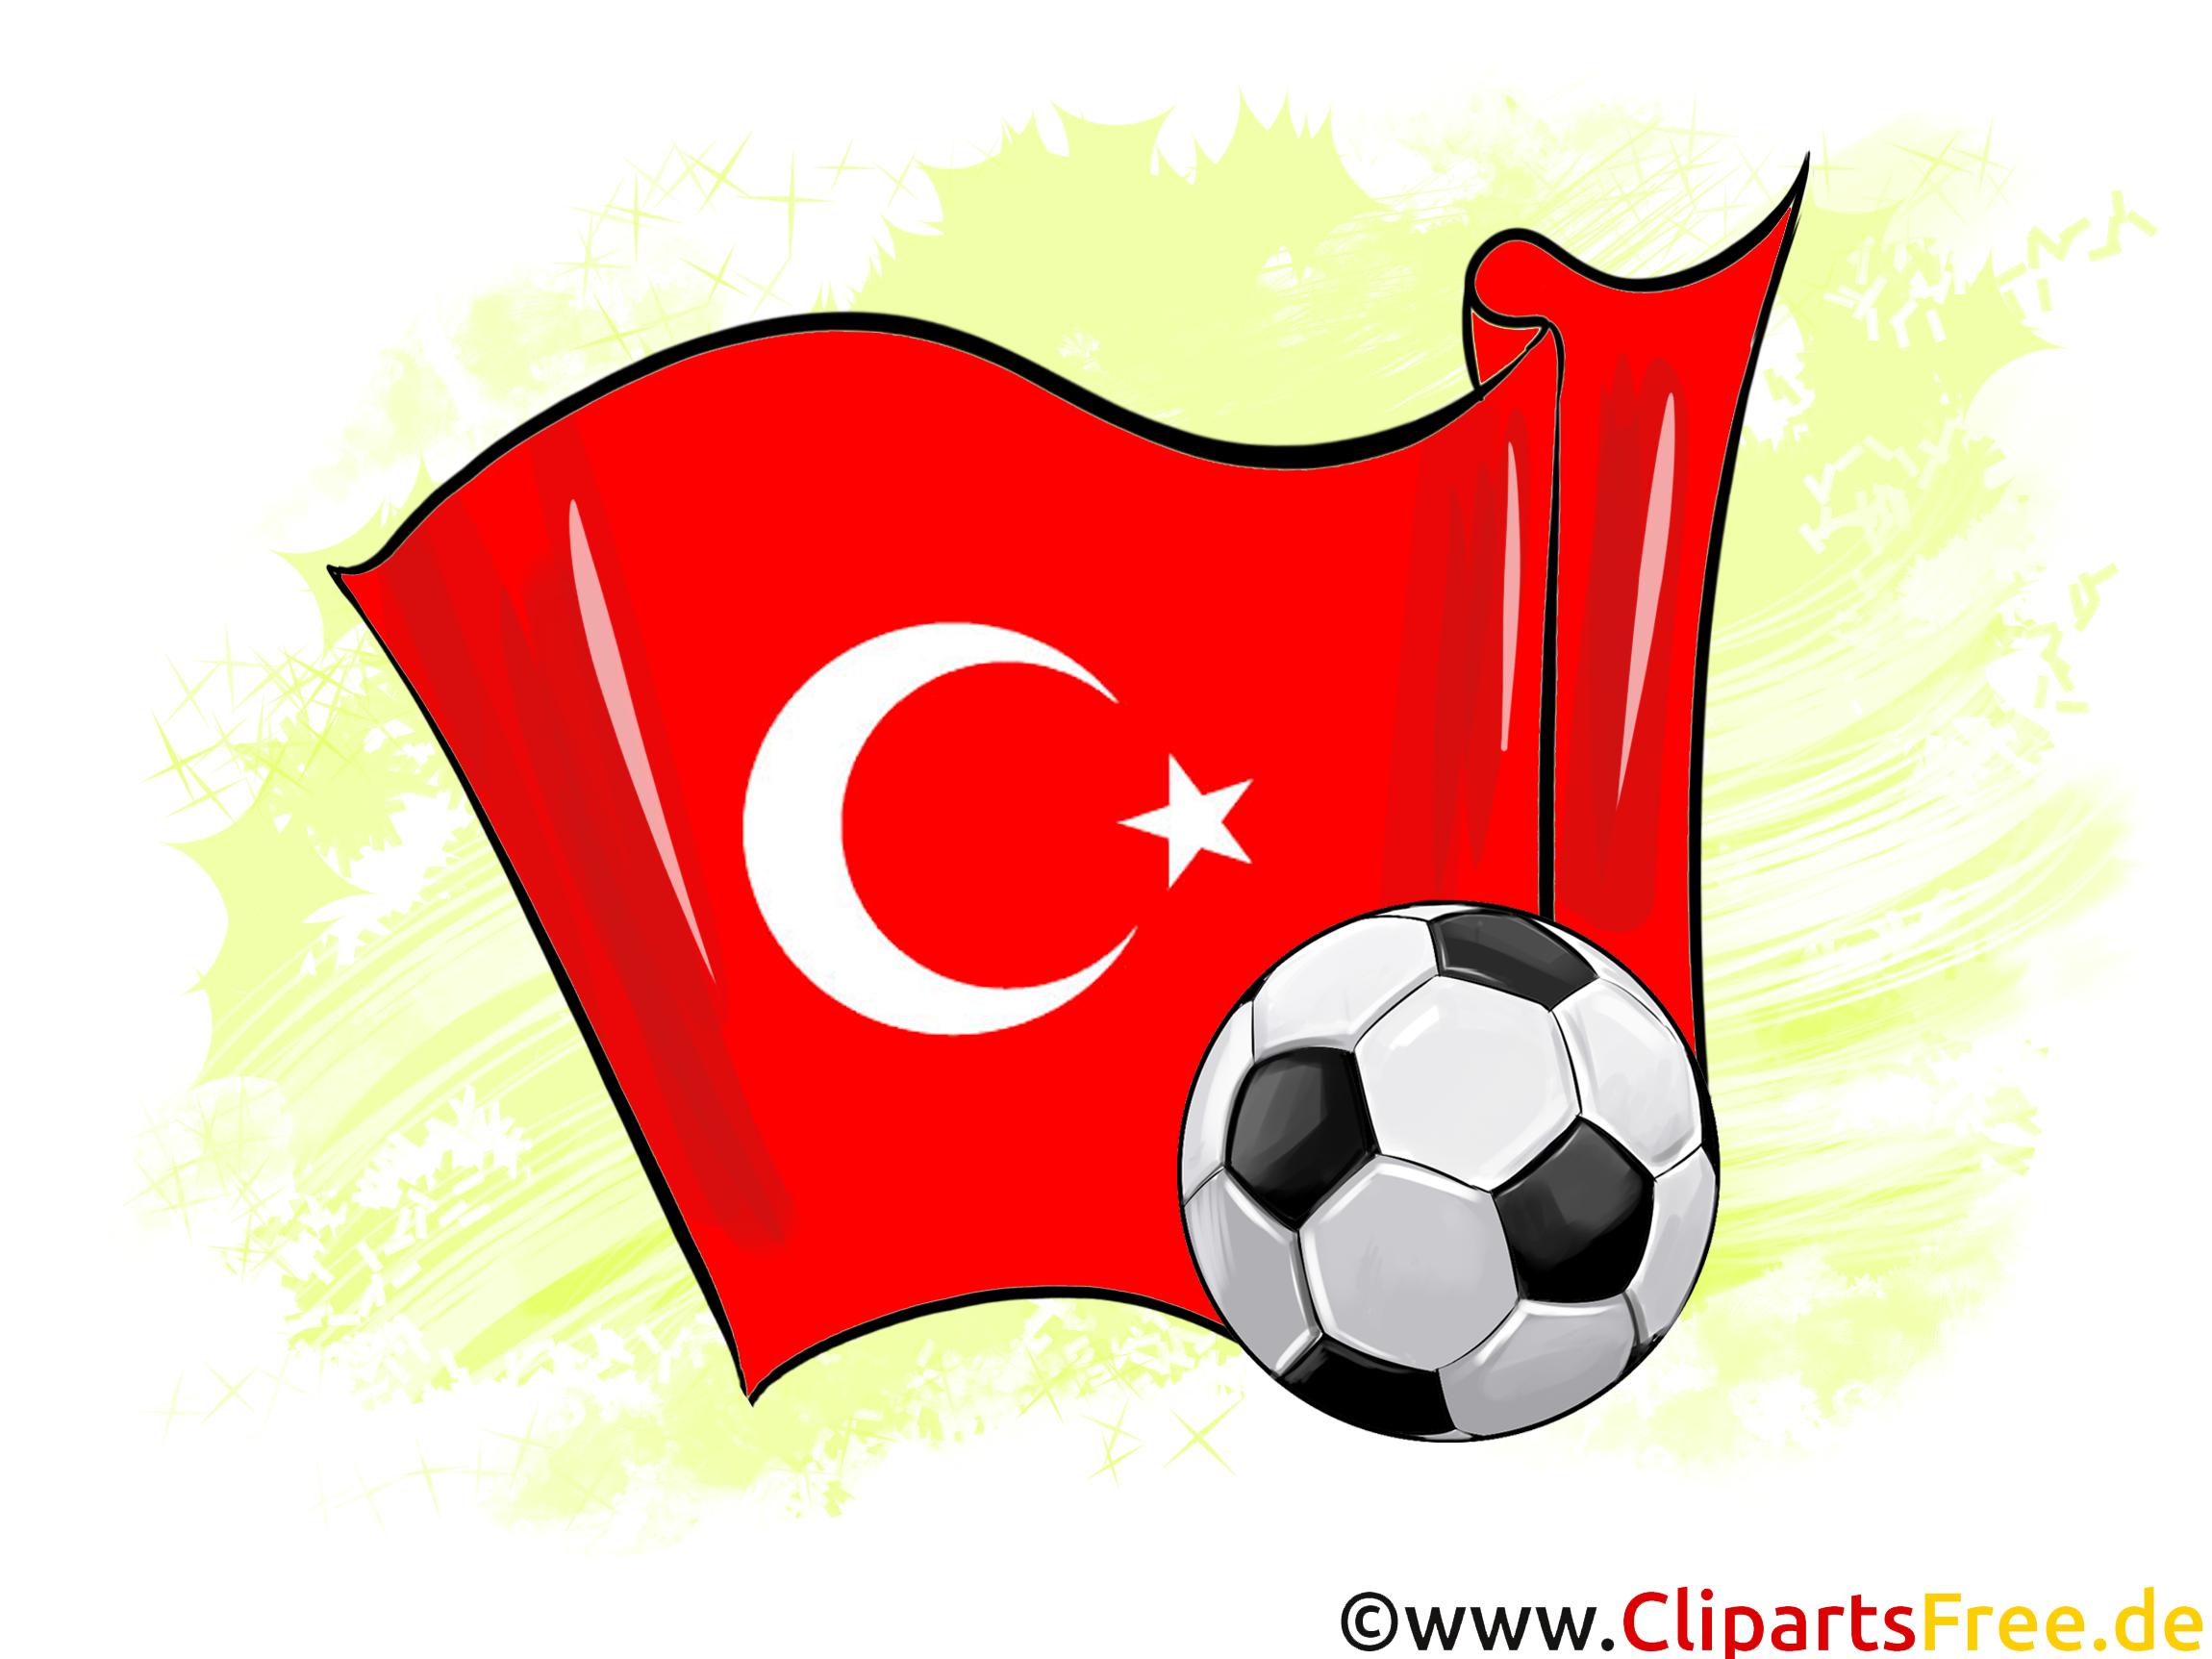 Türkei Fußball Ball mit Fahne im Hintergrund Clipart.